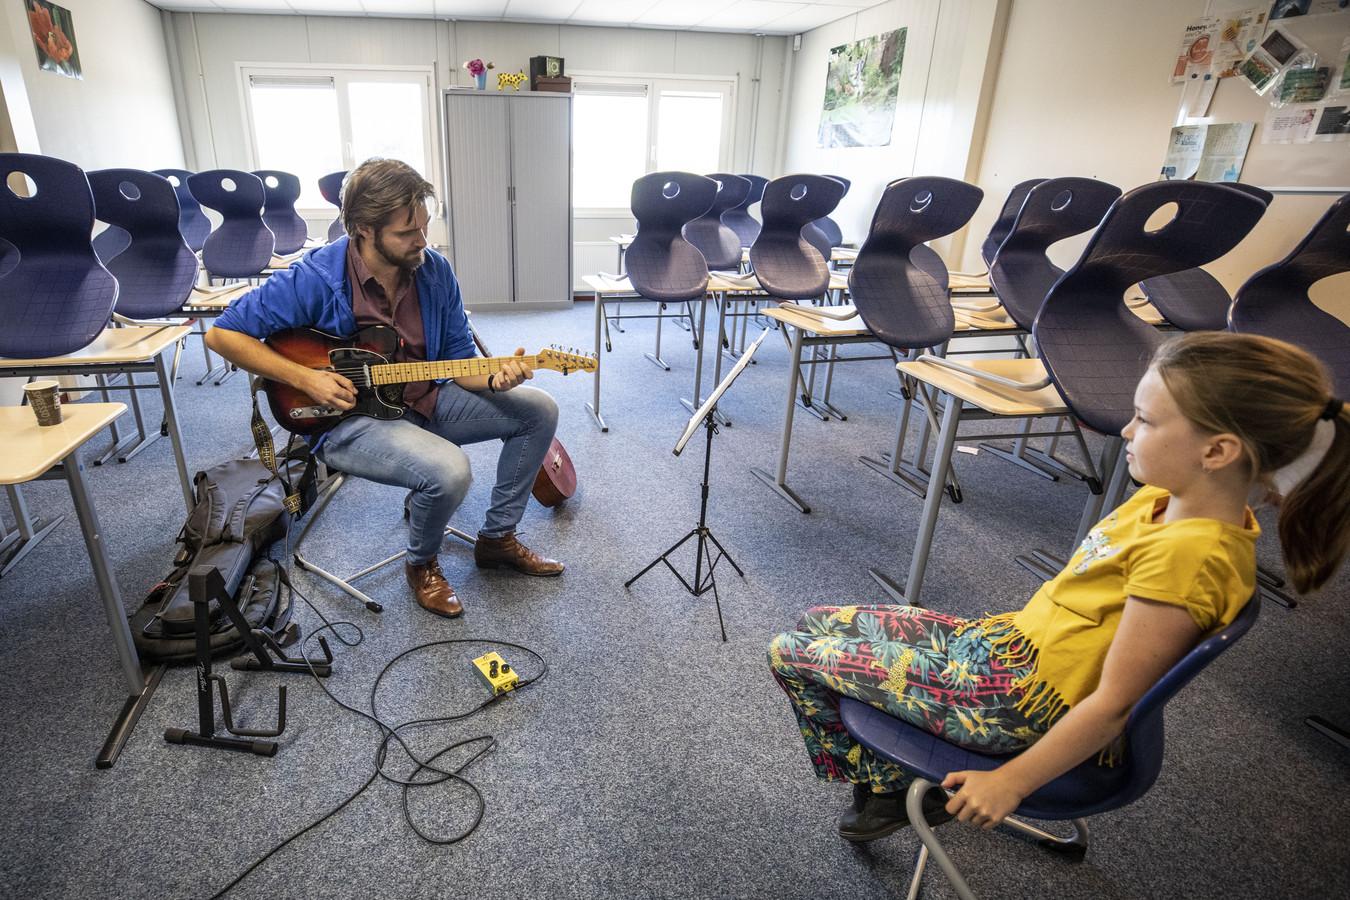 Gitaardocent Willem Ouwehand van Kaliber Kunstenschool laat de negenjarige Merle Teunis uit Wierden horen wat ze allemaal kan leren.